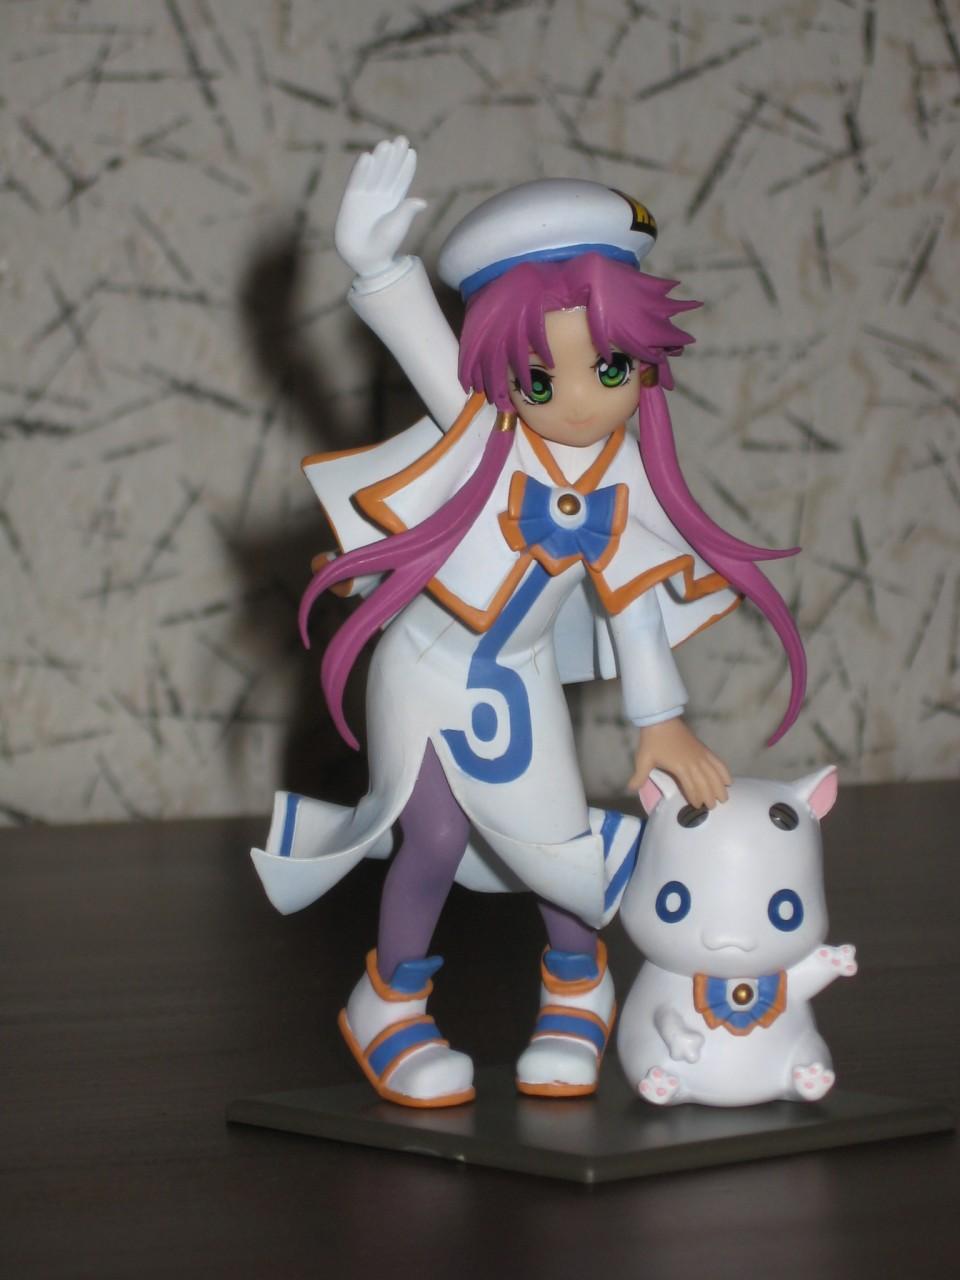 aria_the_natural toy's_works mizunashi_akari